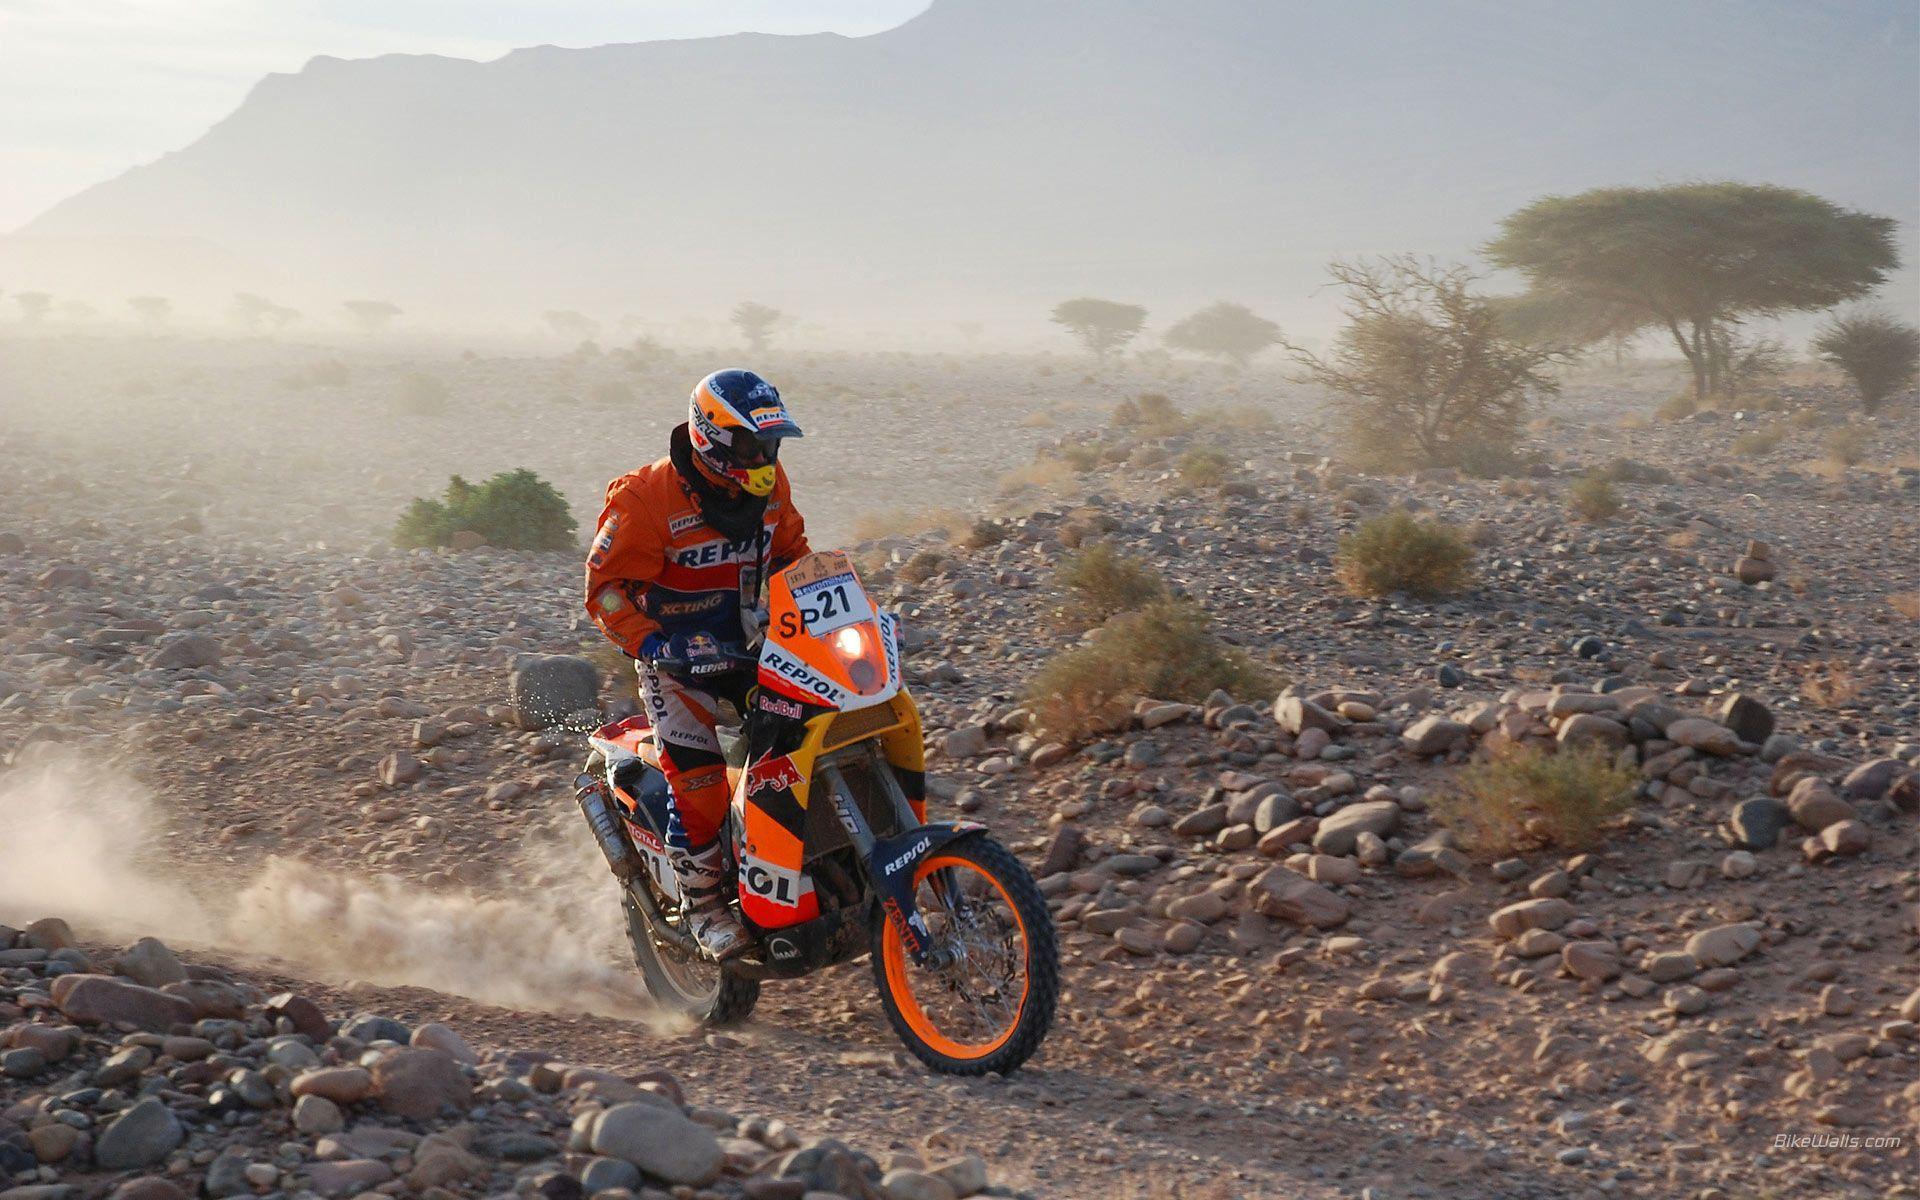 KTM Dakar 2007, Desktop wallpapers #38929